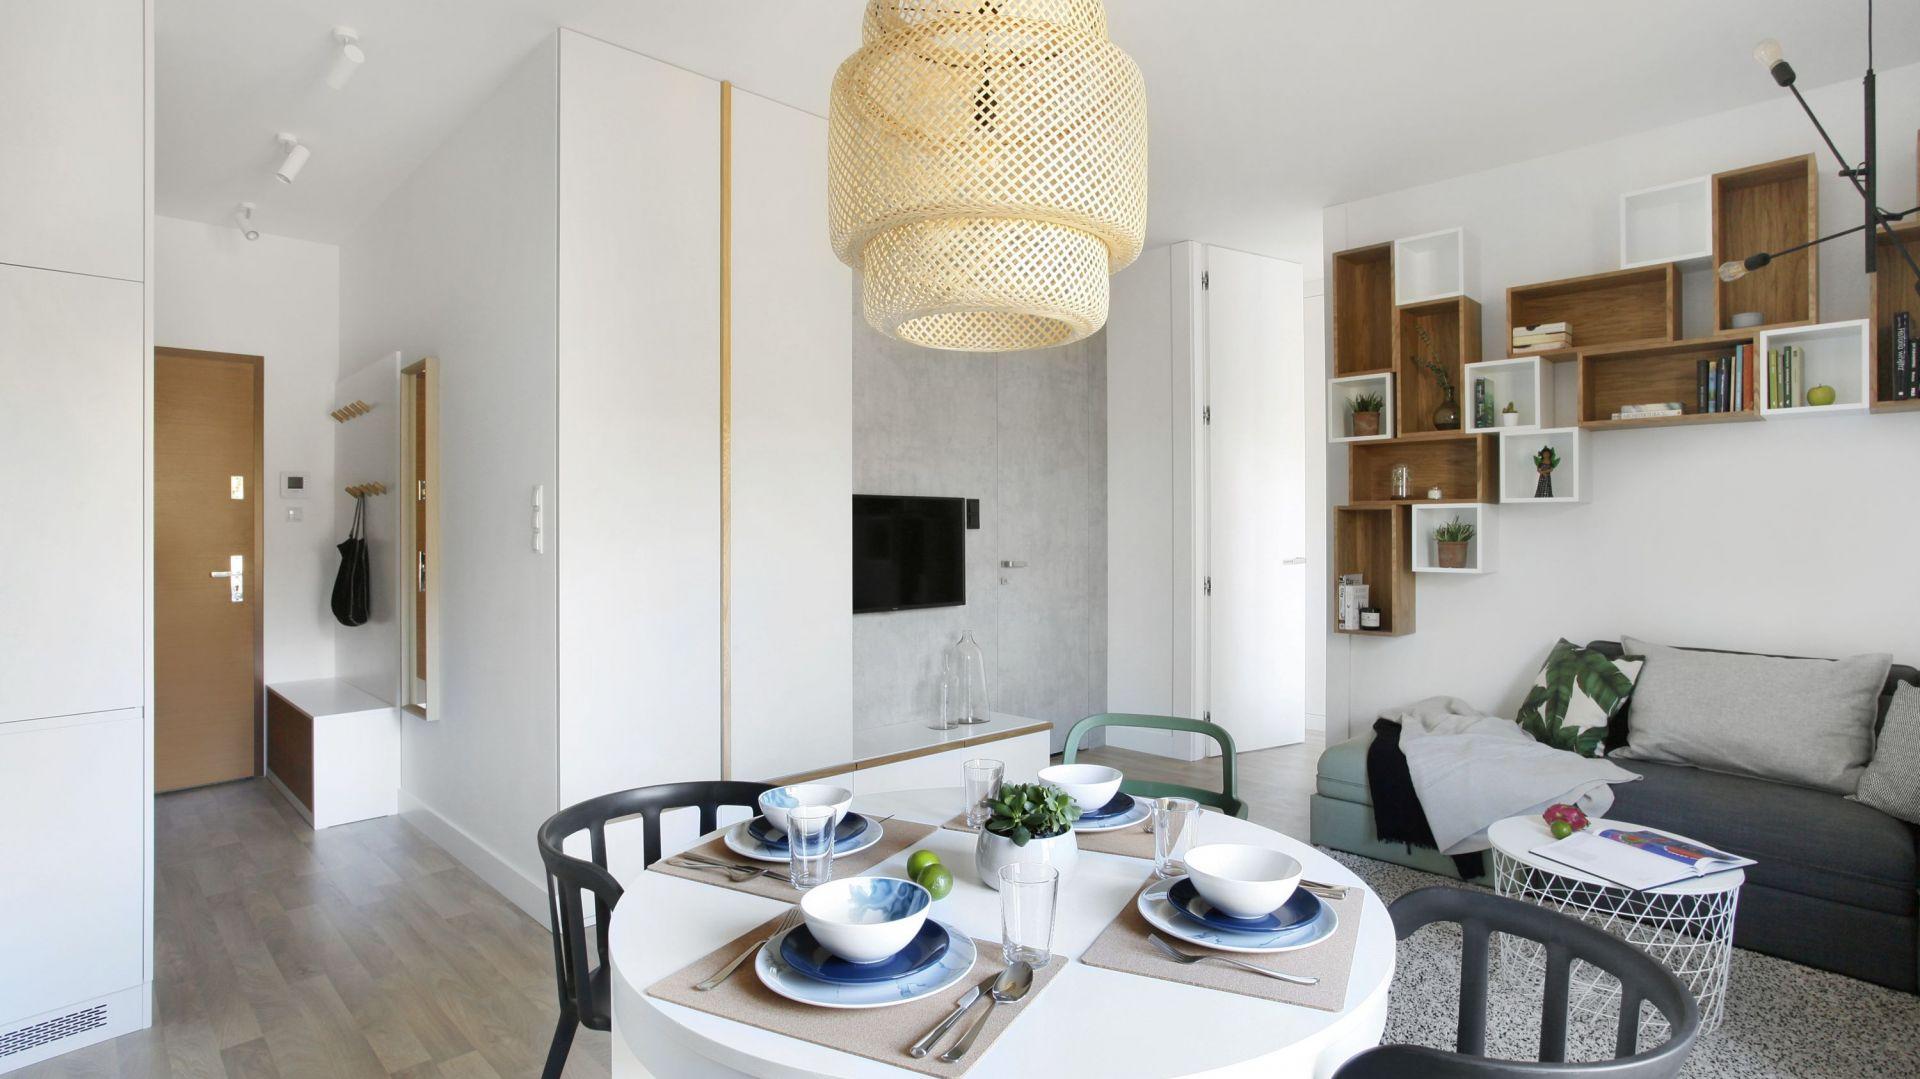 Apartament w Gdyni ma wiele nawiązań do stylu skandynawskiego. Realizacja StudioLOKO/Inter Door